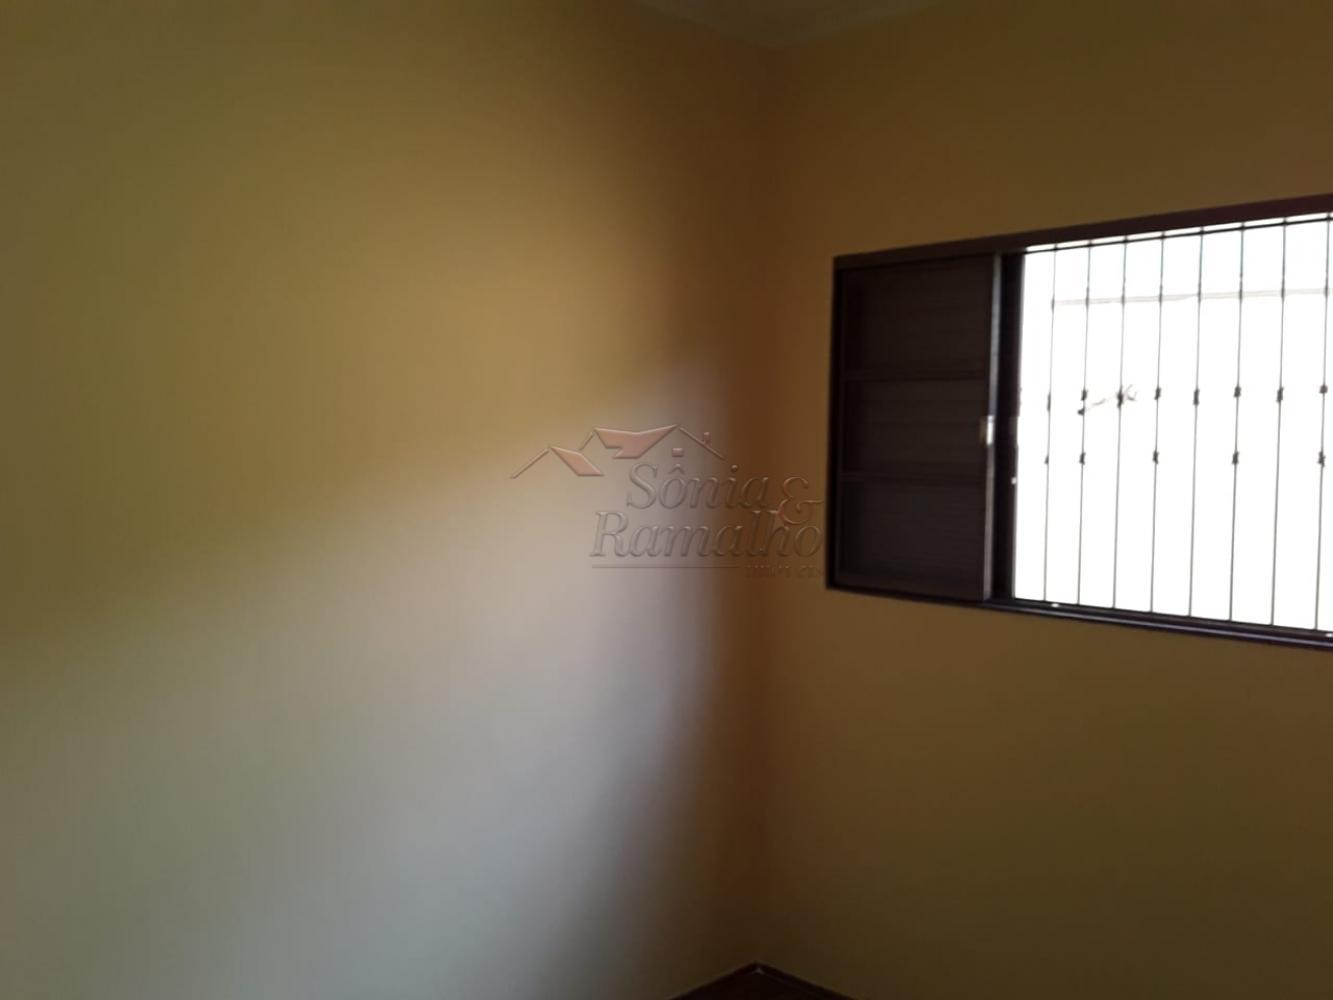 Alugar Casas / Padrão em Ribeirão Preto apenas R$ 700,00 - Foto 16